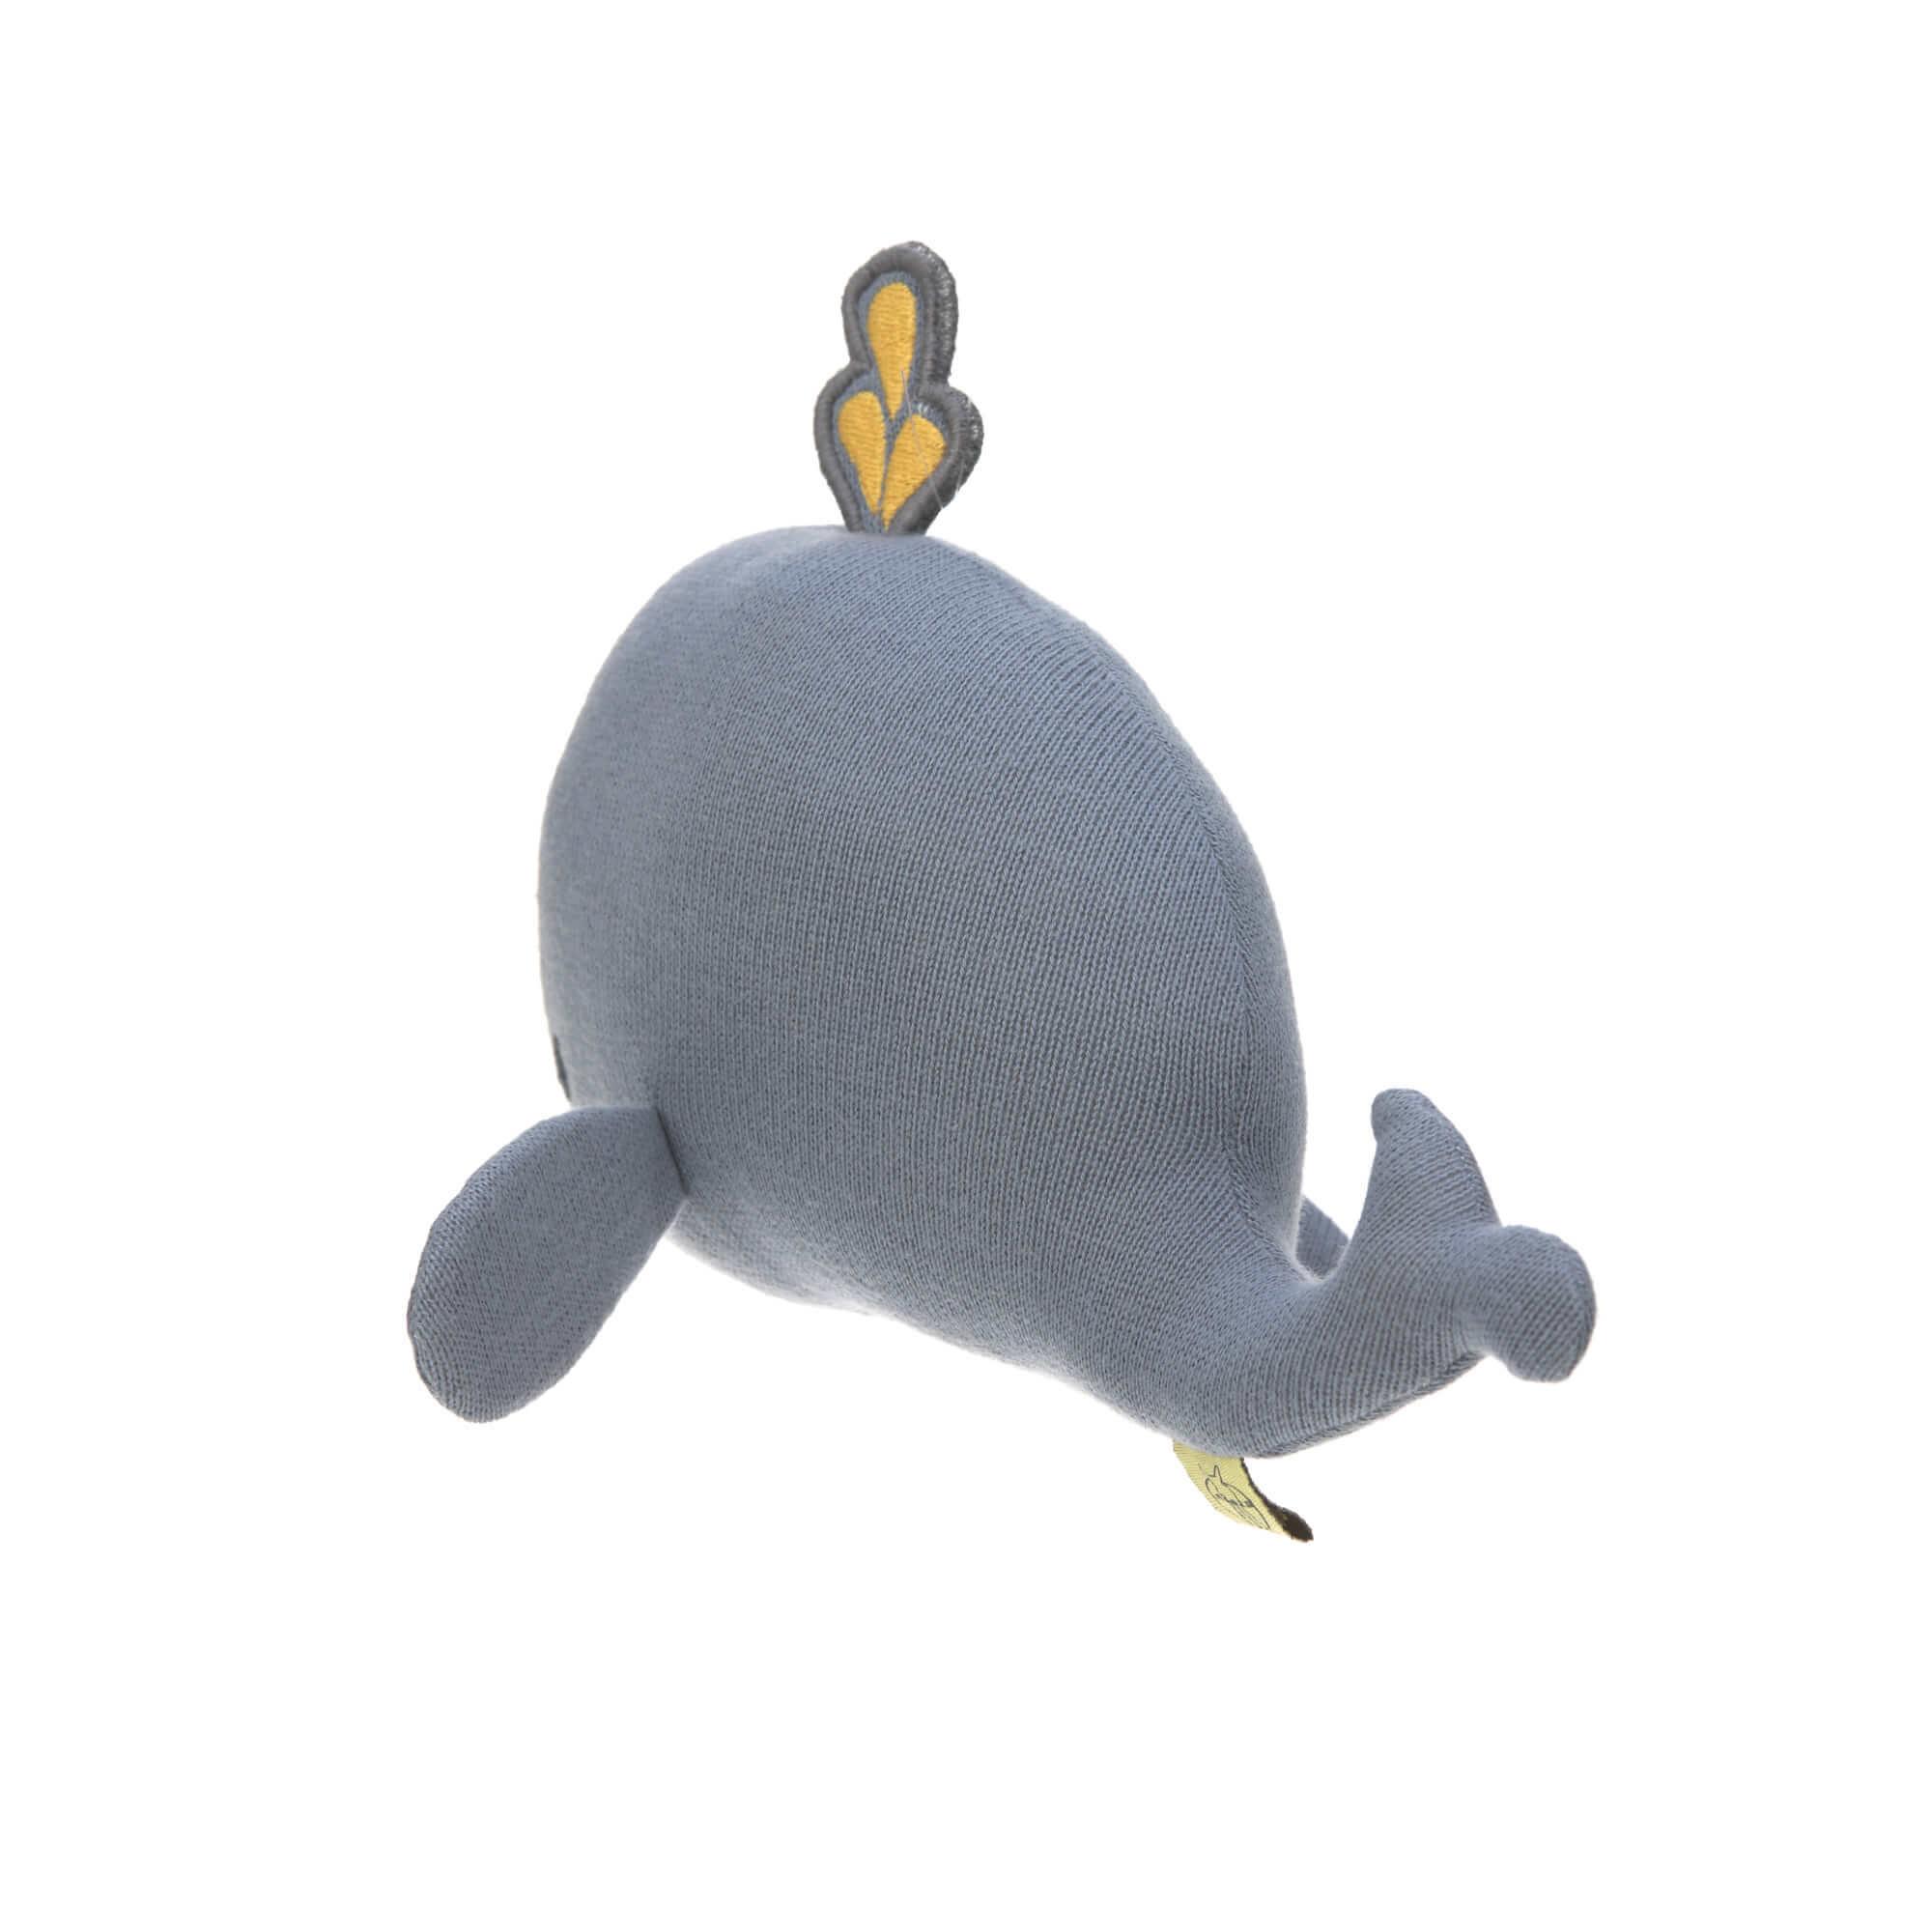 Lässig Lässig Strickspielzeug Kuscheltier mit Rassel knisternder kleiner Wasserwal